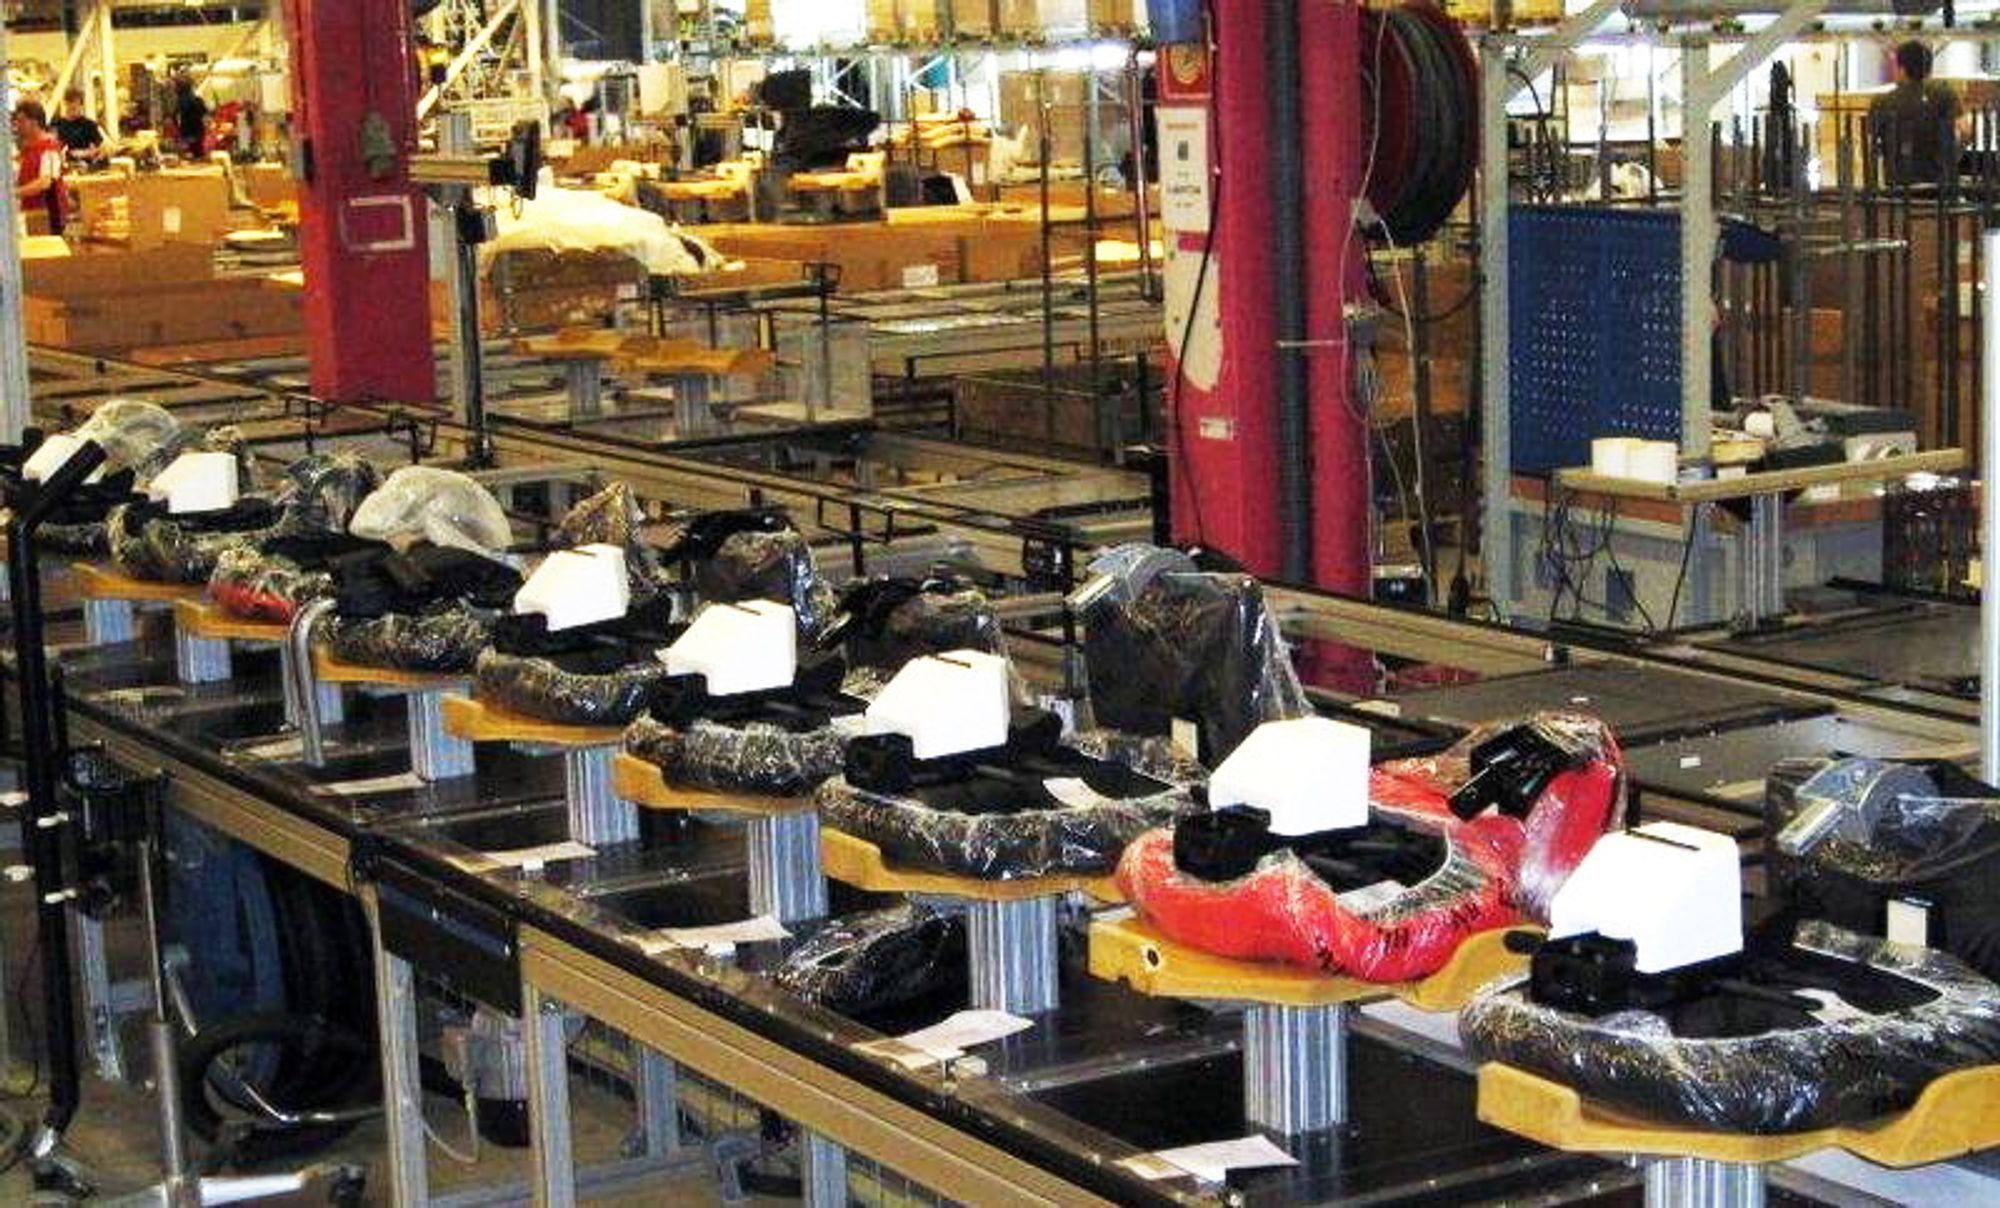 Røros Metall har laget en svært fleksibel produksjonslinje hvor de kan kundetilpasse avfalls- og renholdssystemer helt ned til det enkelt produkt, slik som disse på Gardermoen.